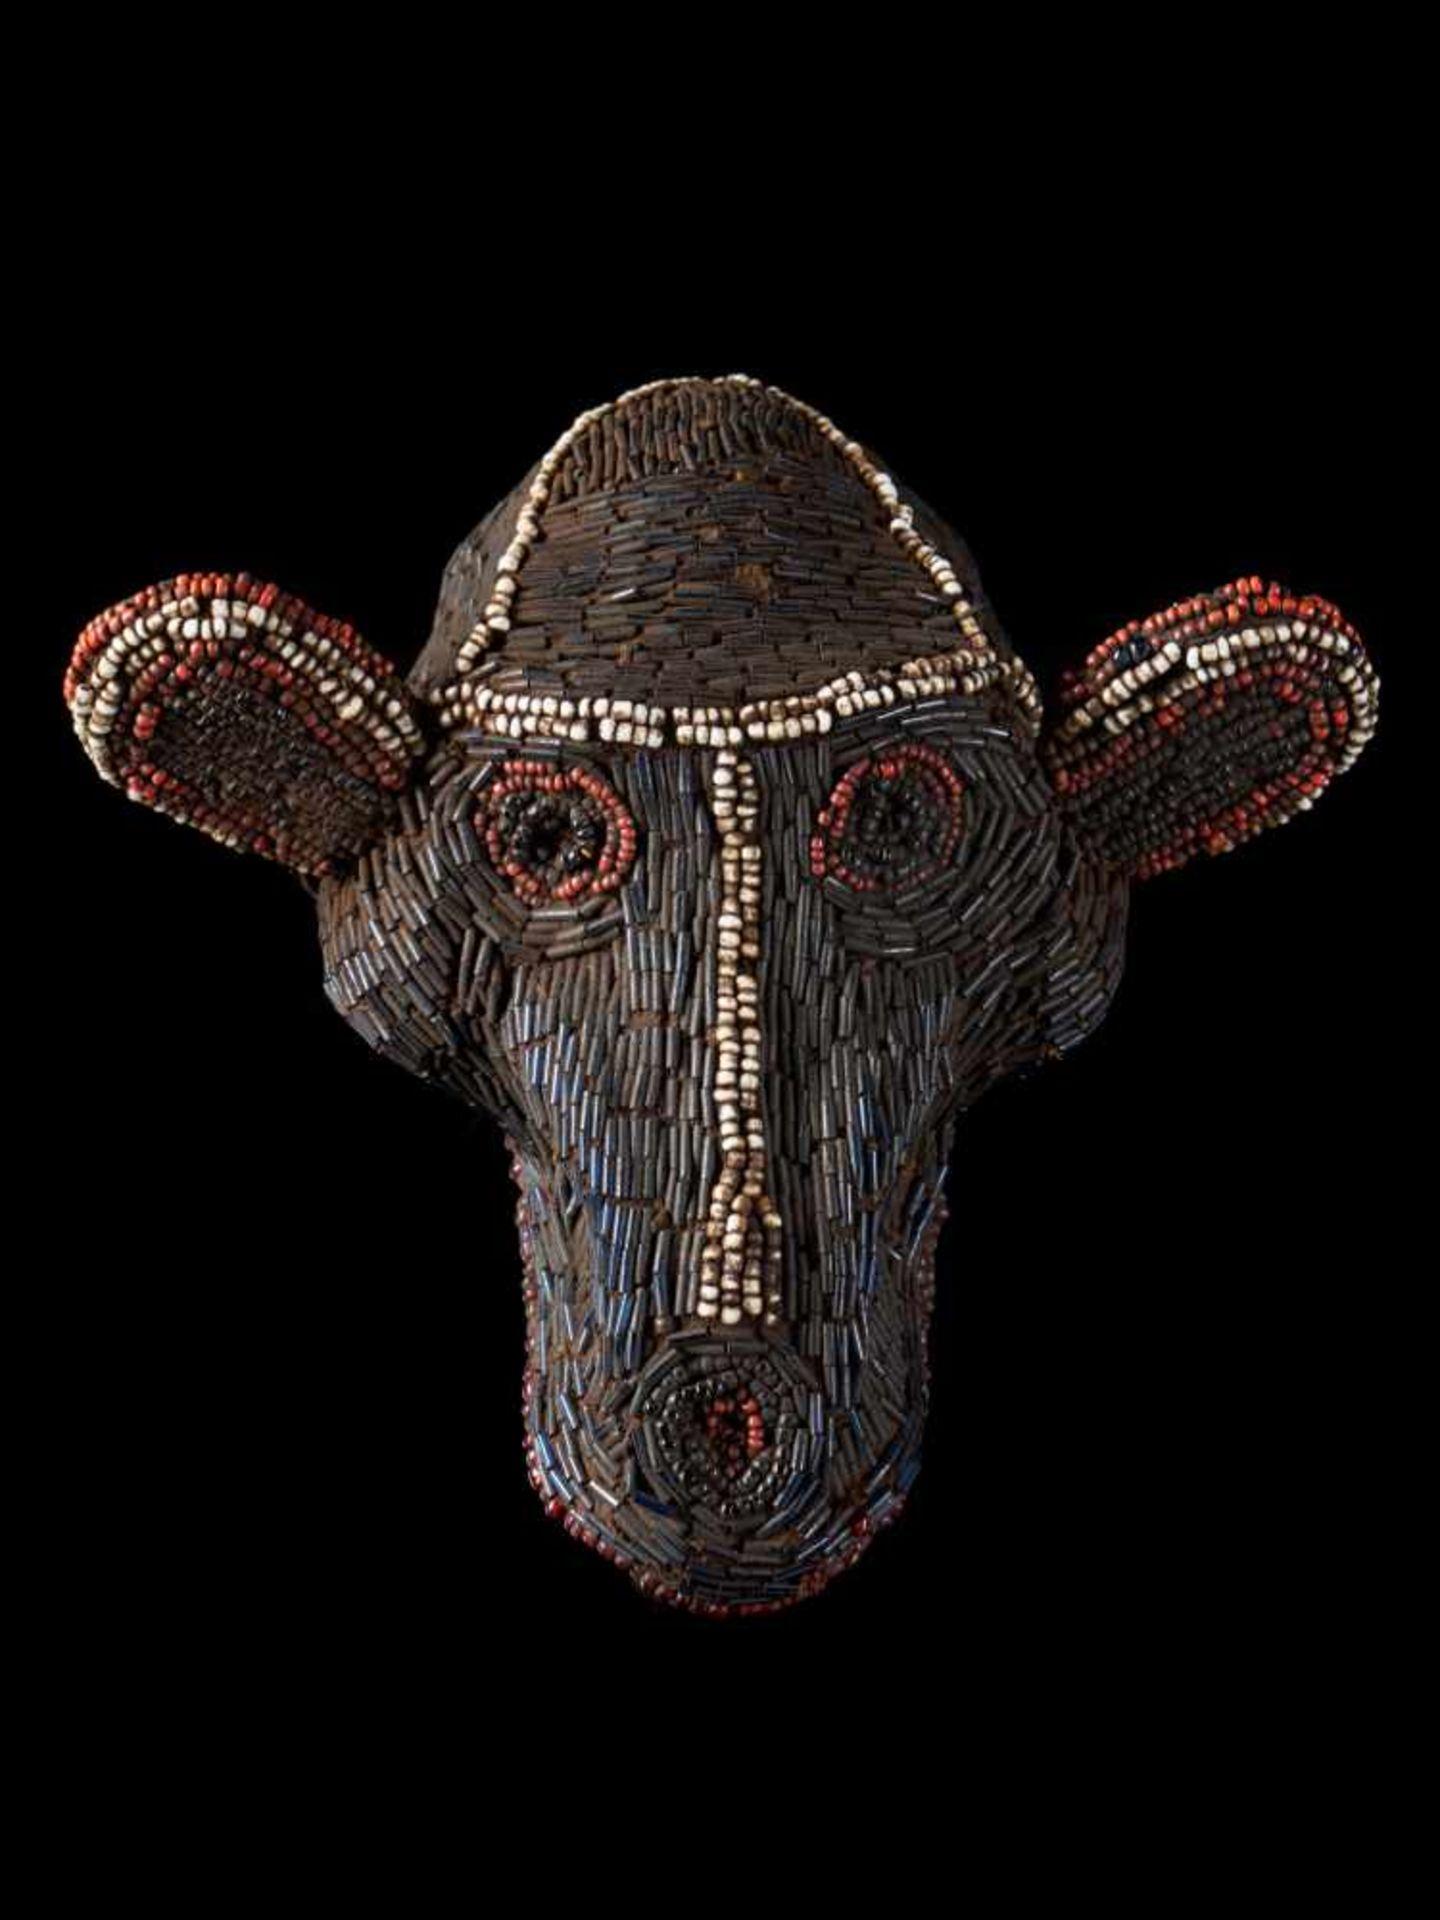 Beaded Monkey Head - Tribal ArtThis beaded monkey head has a striking gaunt appearance. It is